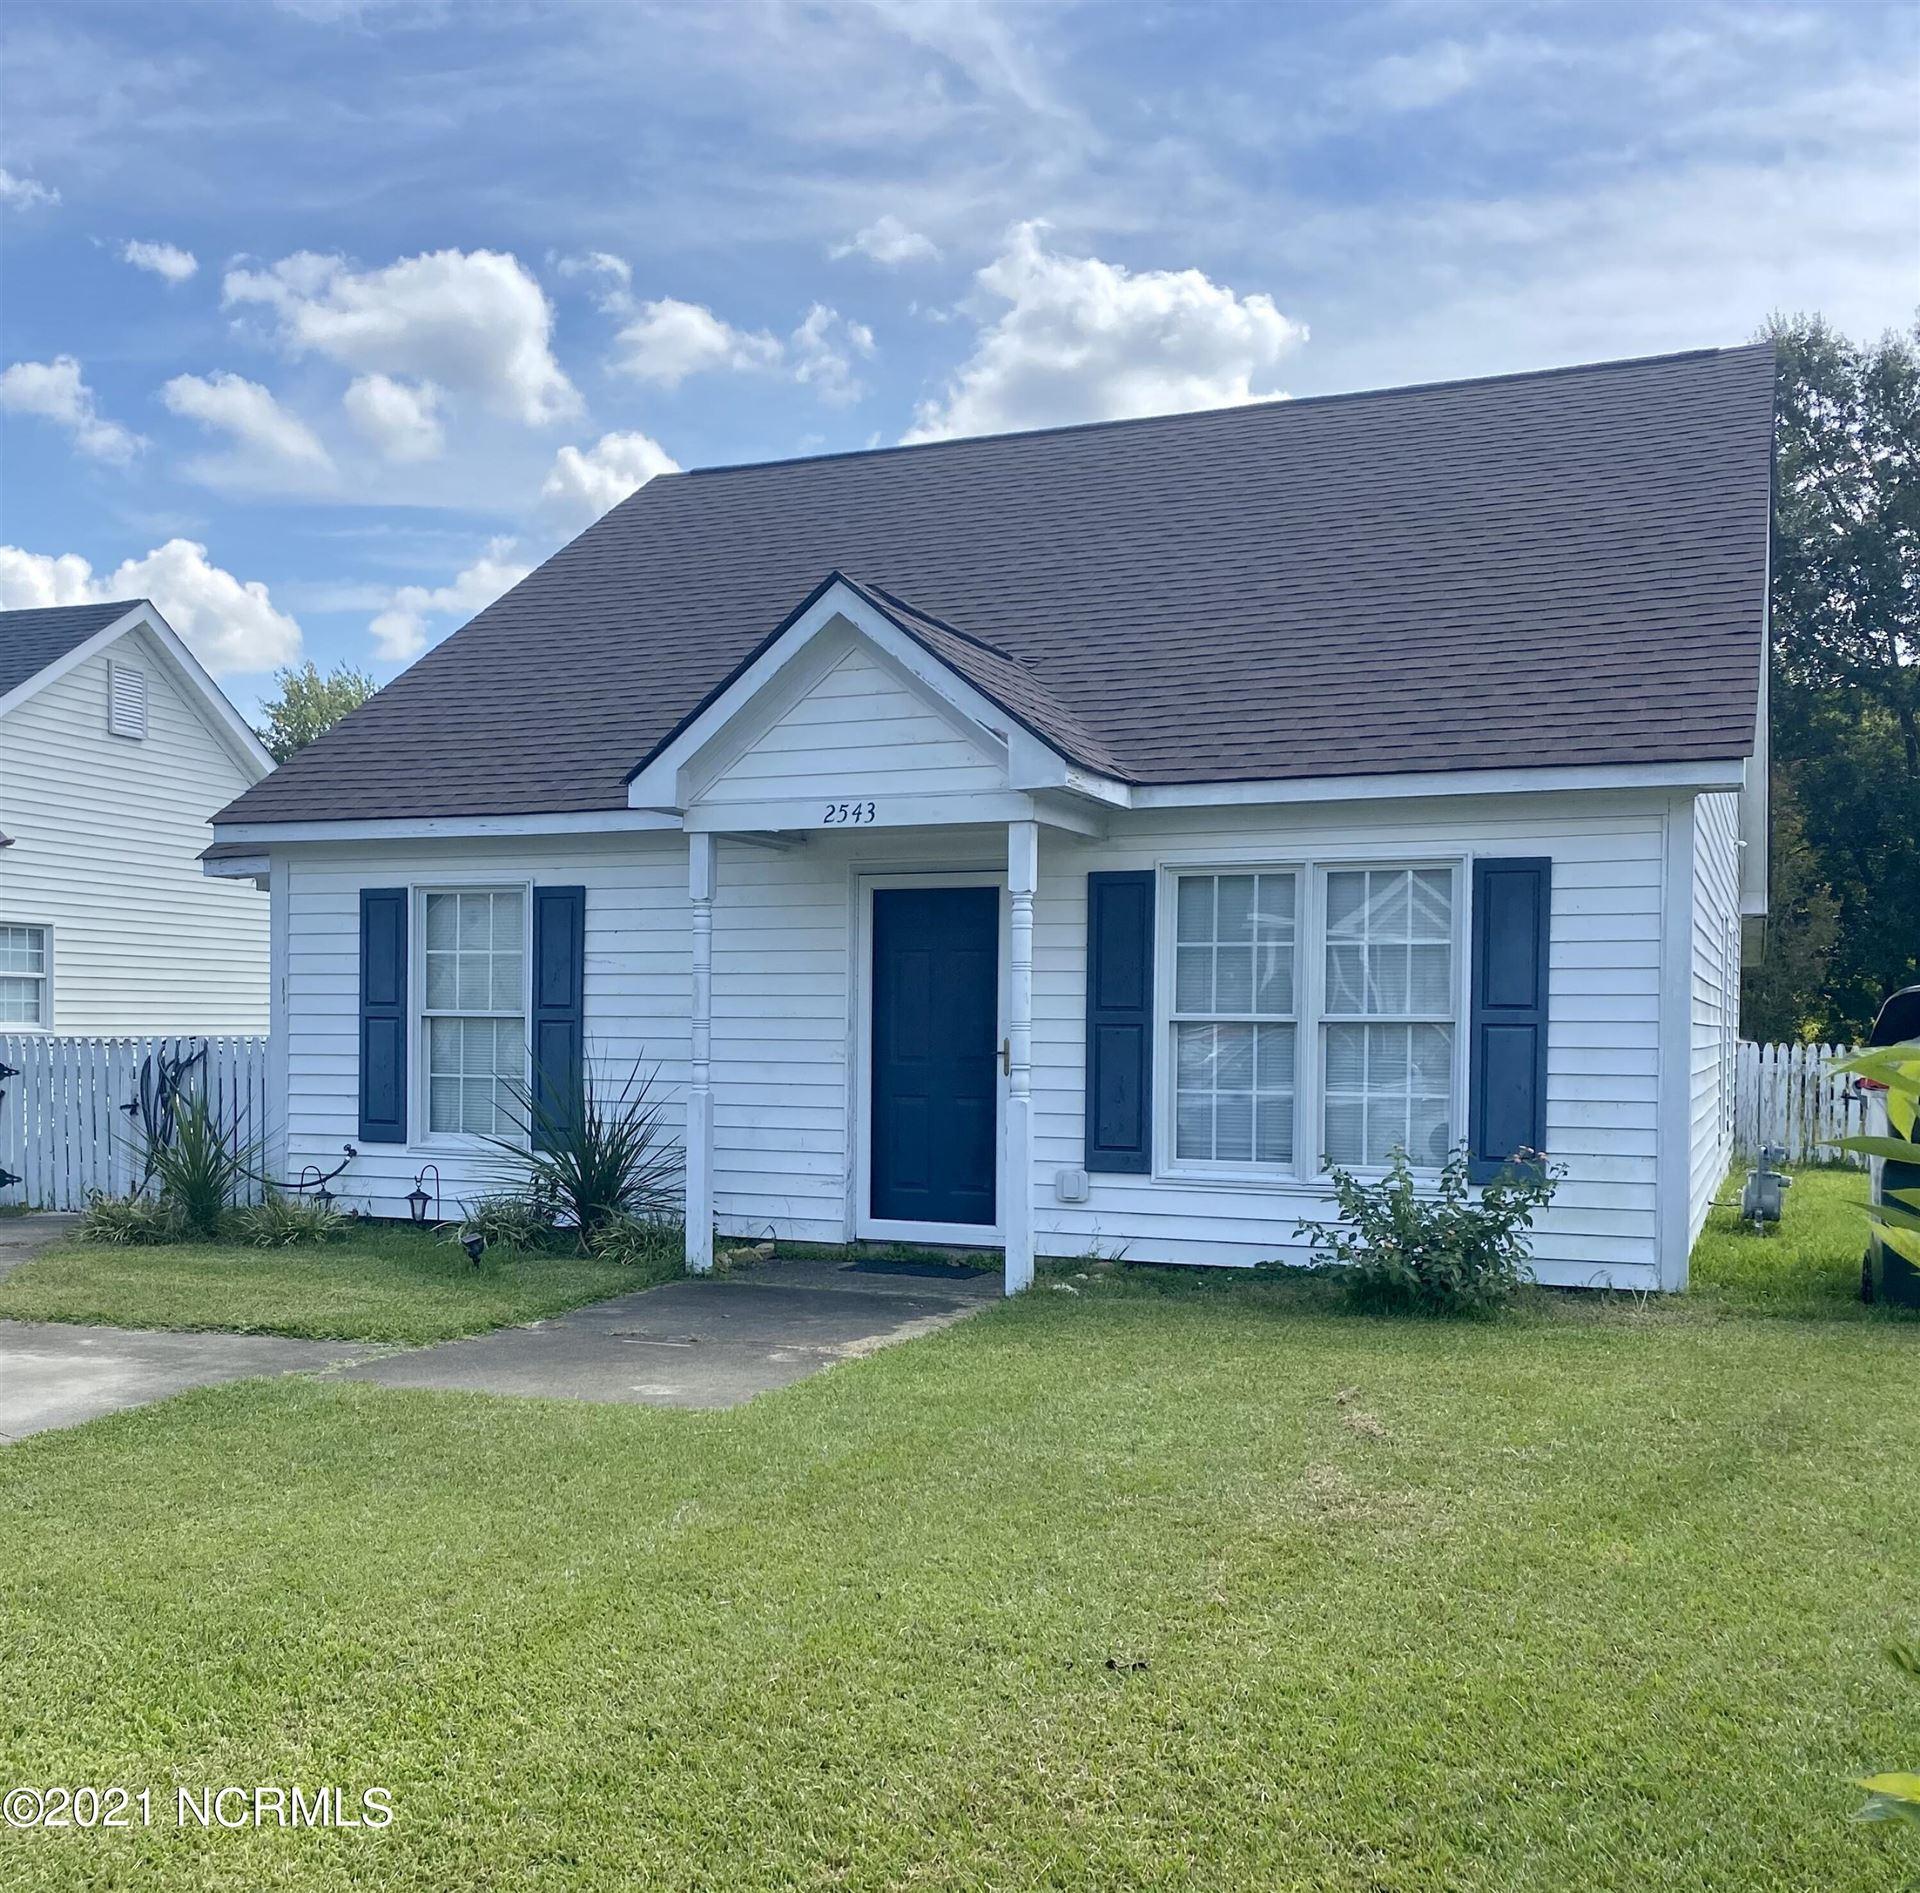 Photo of 2543 Pond Drive N, Wilson, NC 27896 (MLS # 100293383)